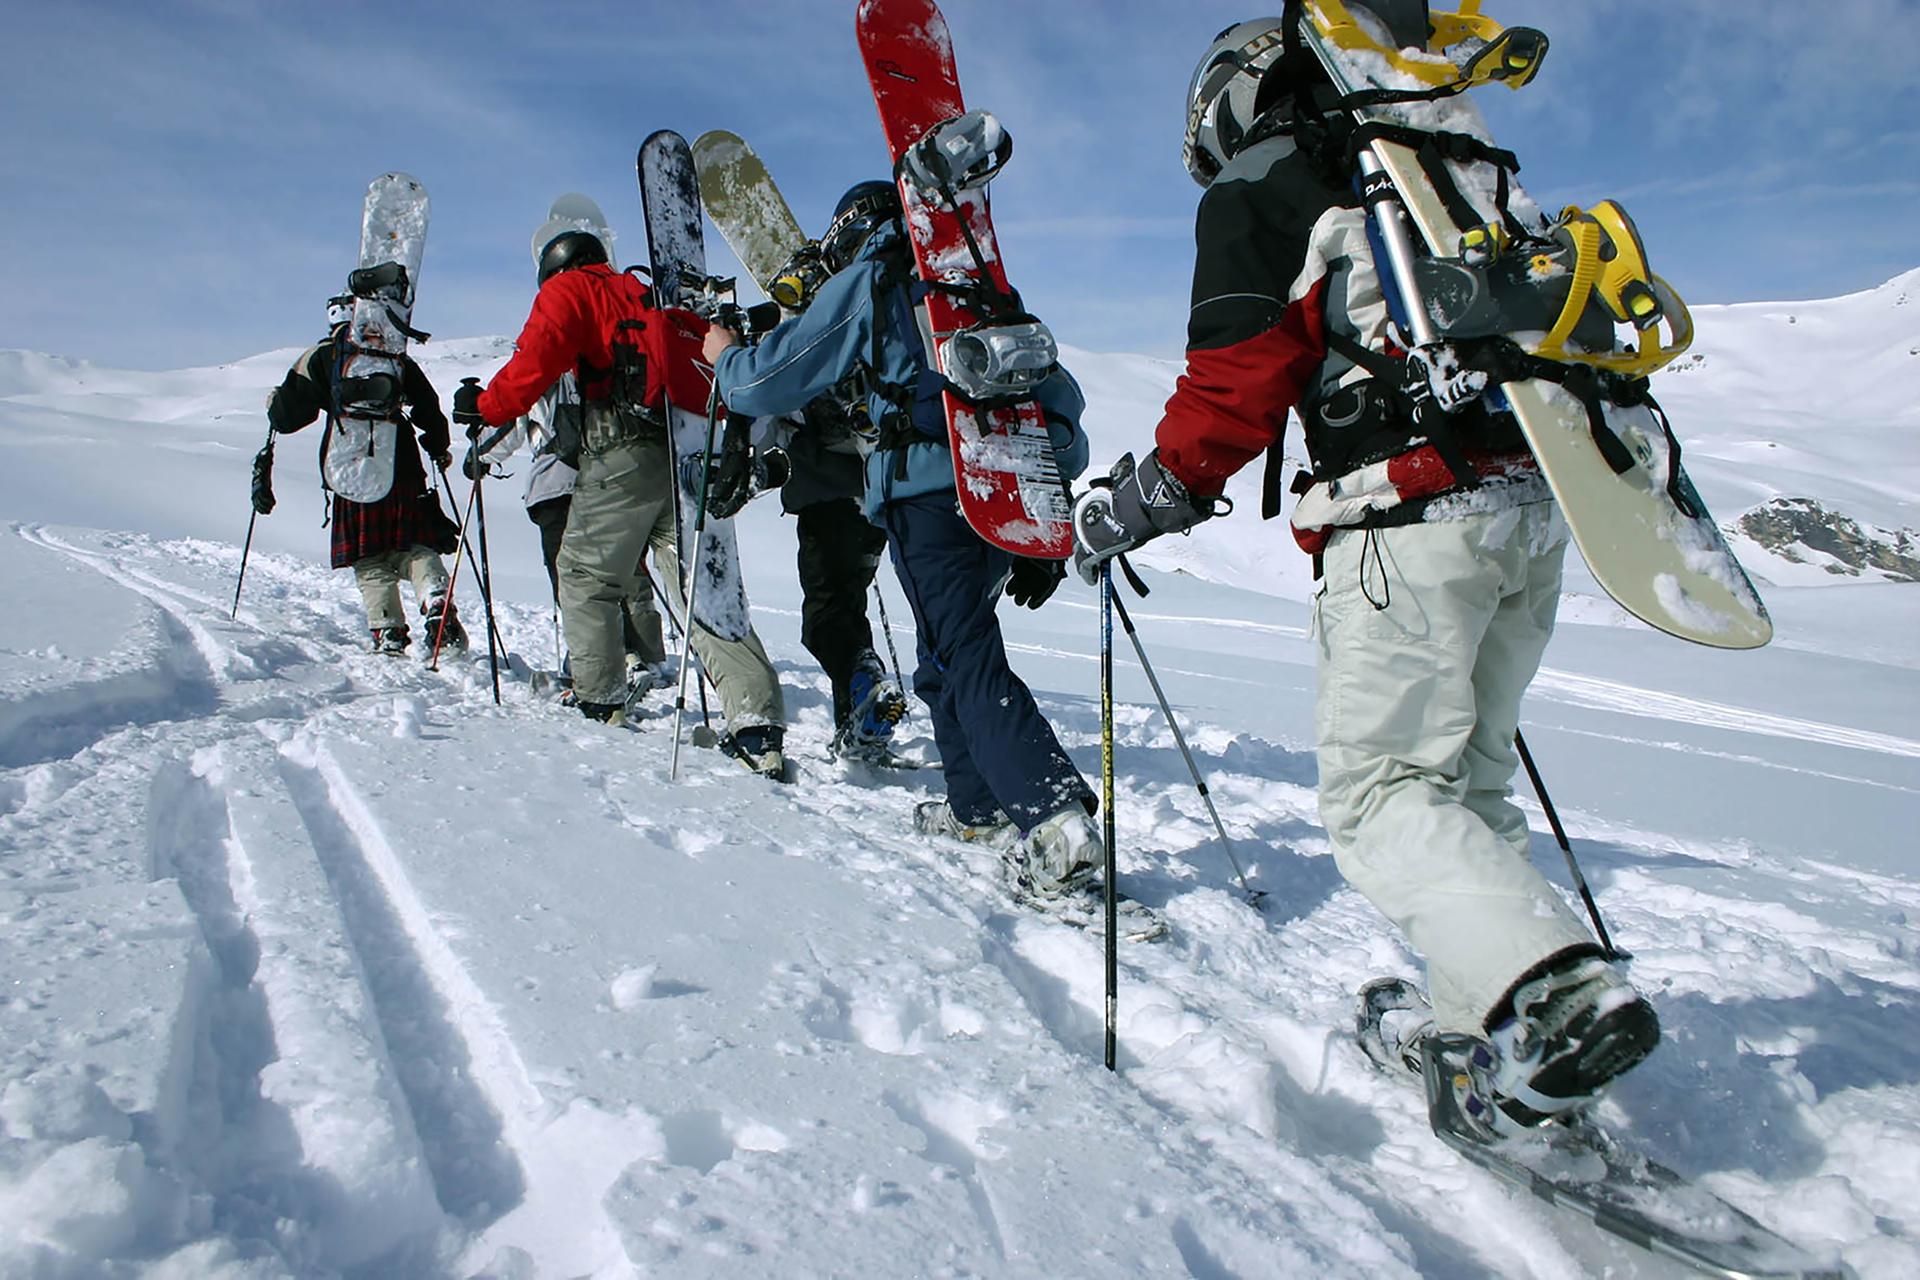 Schneeschuhwandernde Snowboarder2